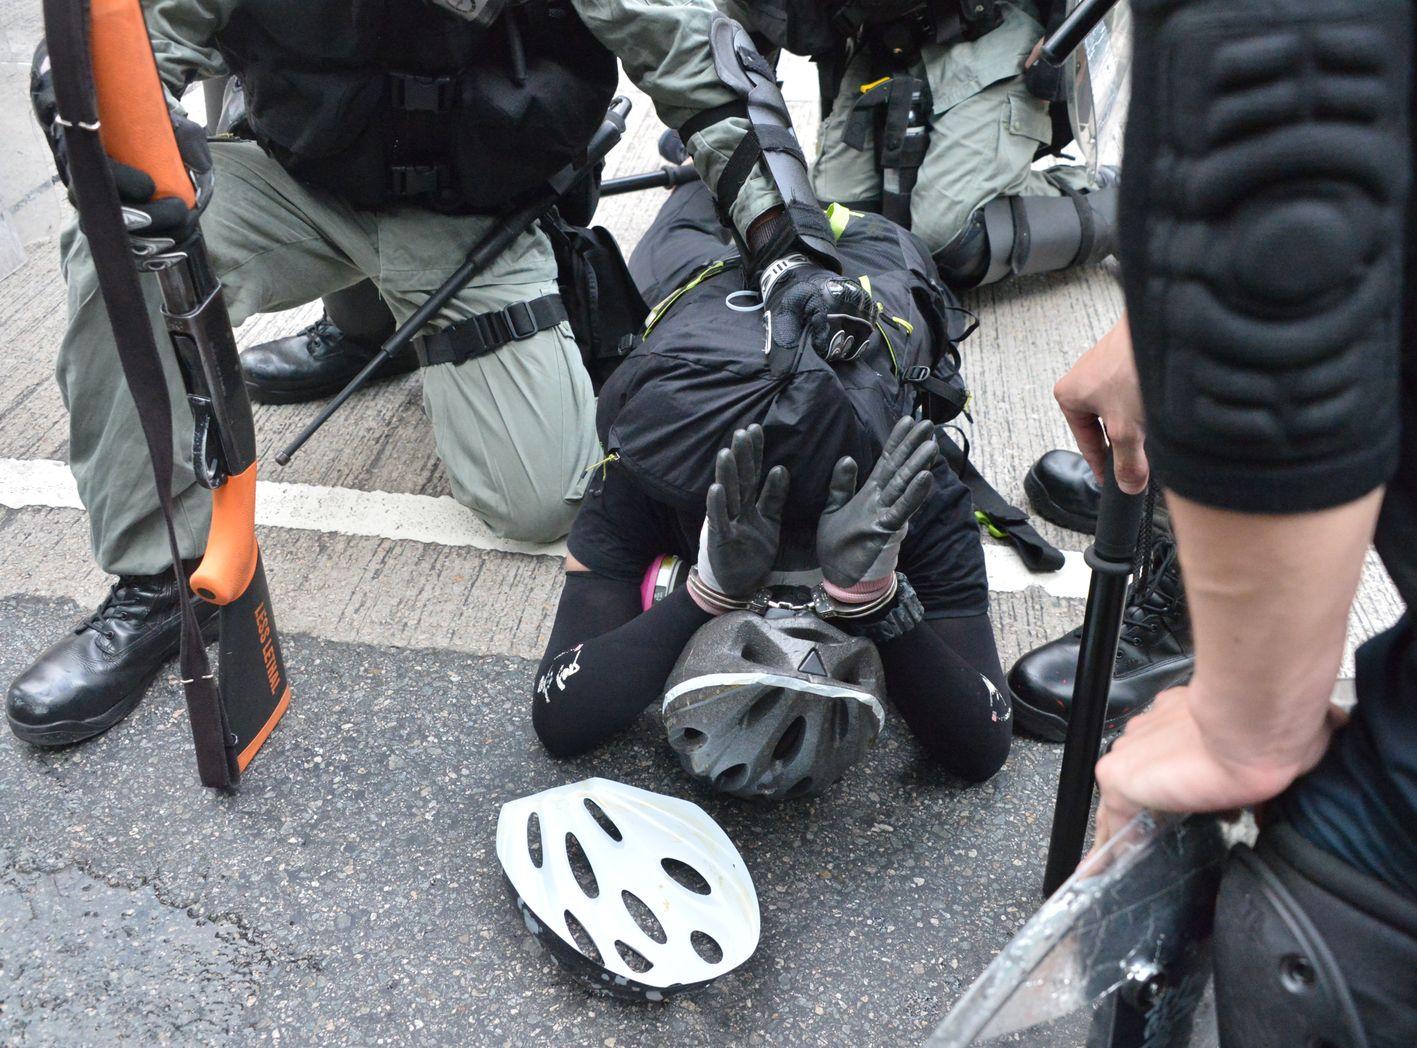 【逃犯条例】警:若被捕者激烈反抗 同事就要用大力啲